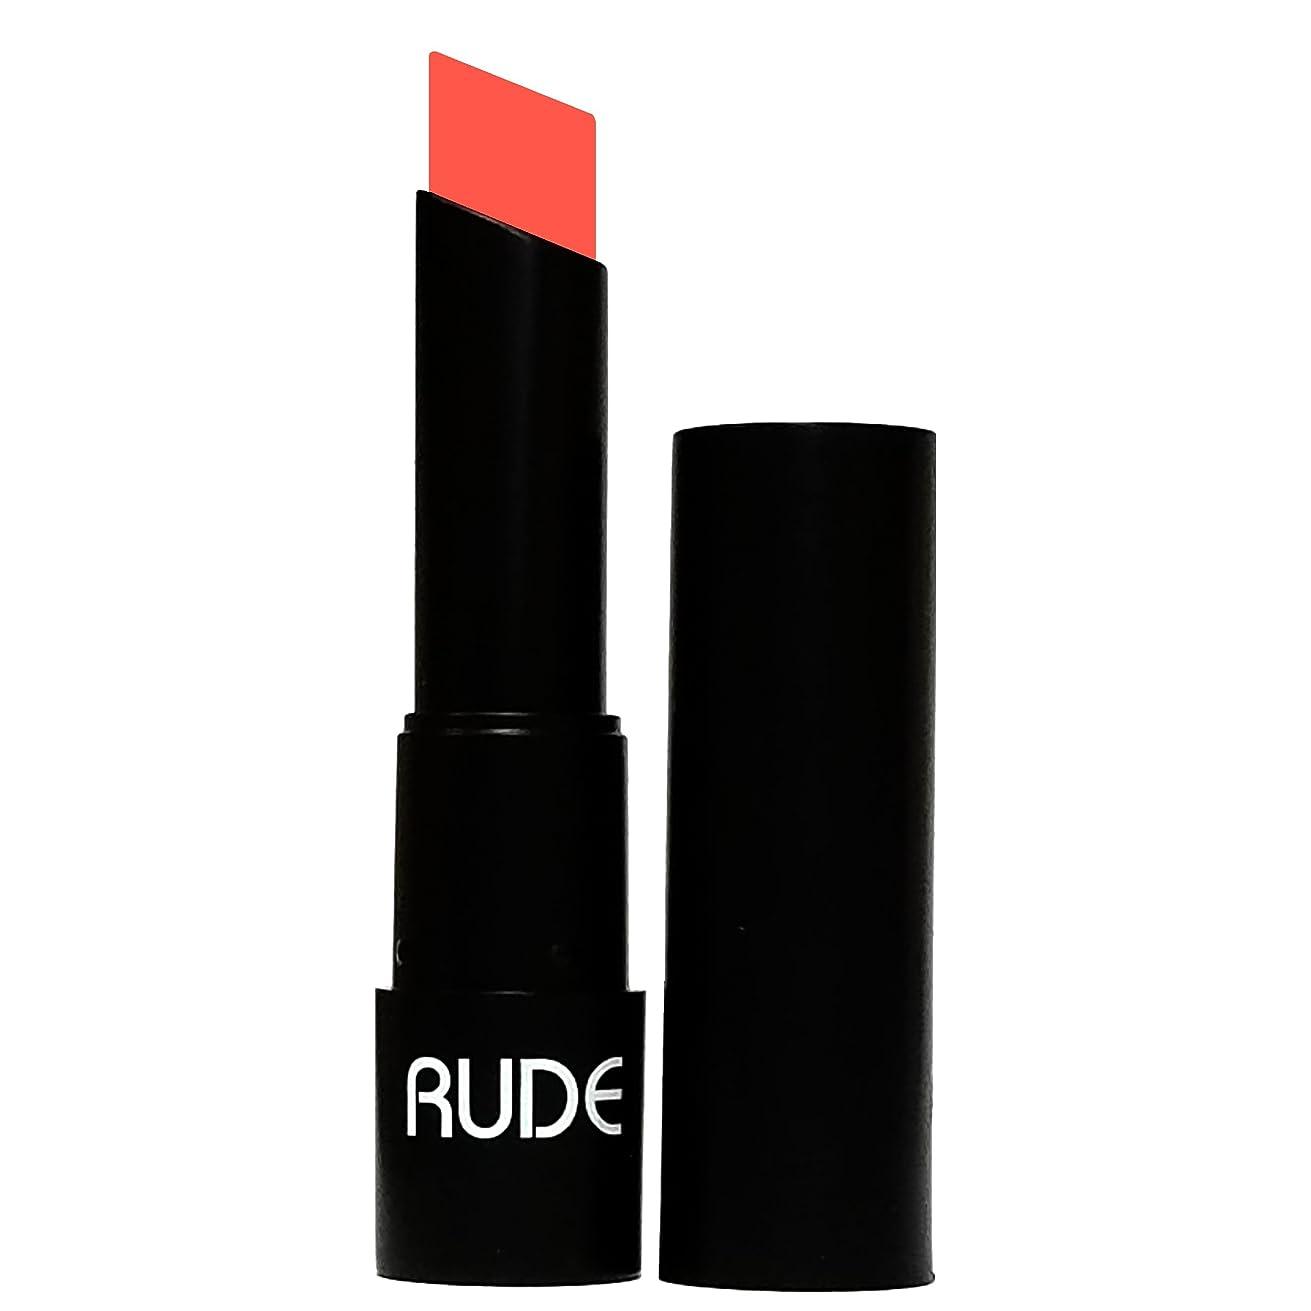 アウターセマフォ強調(3 Pack) RUDE Attitude Matte Lipstick - Tumultuous (並行輸入品)